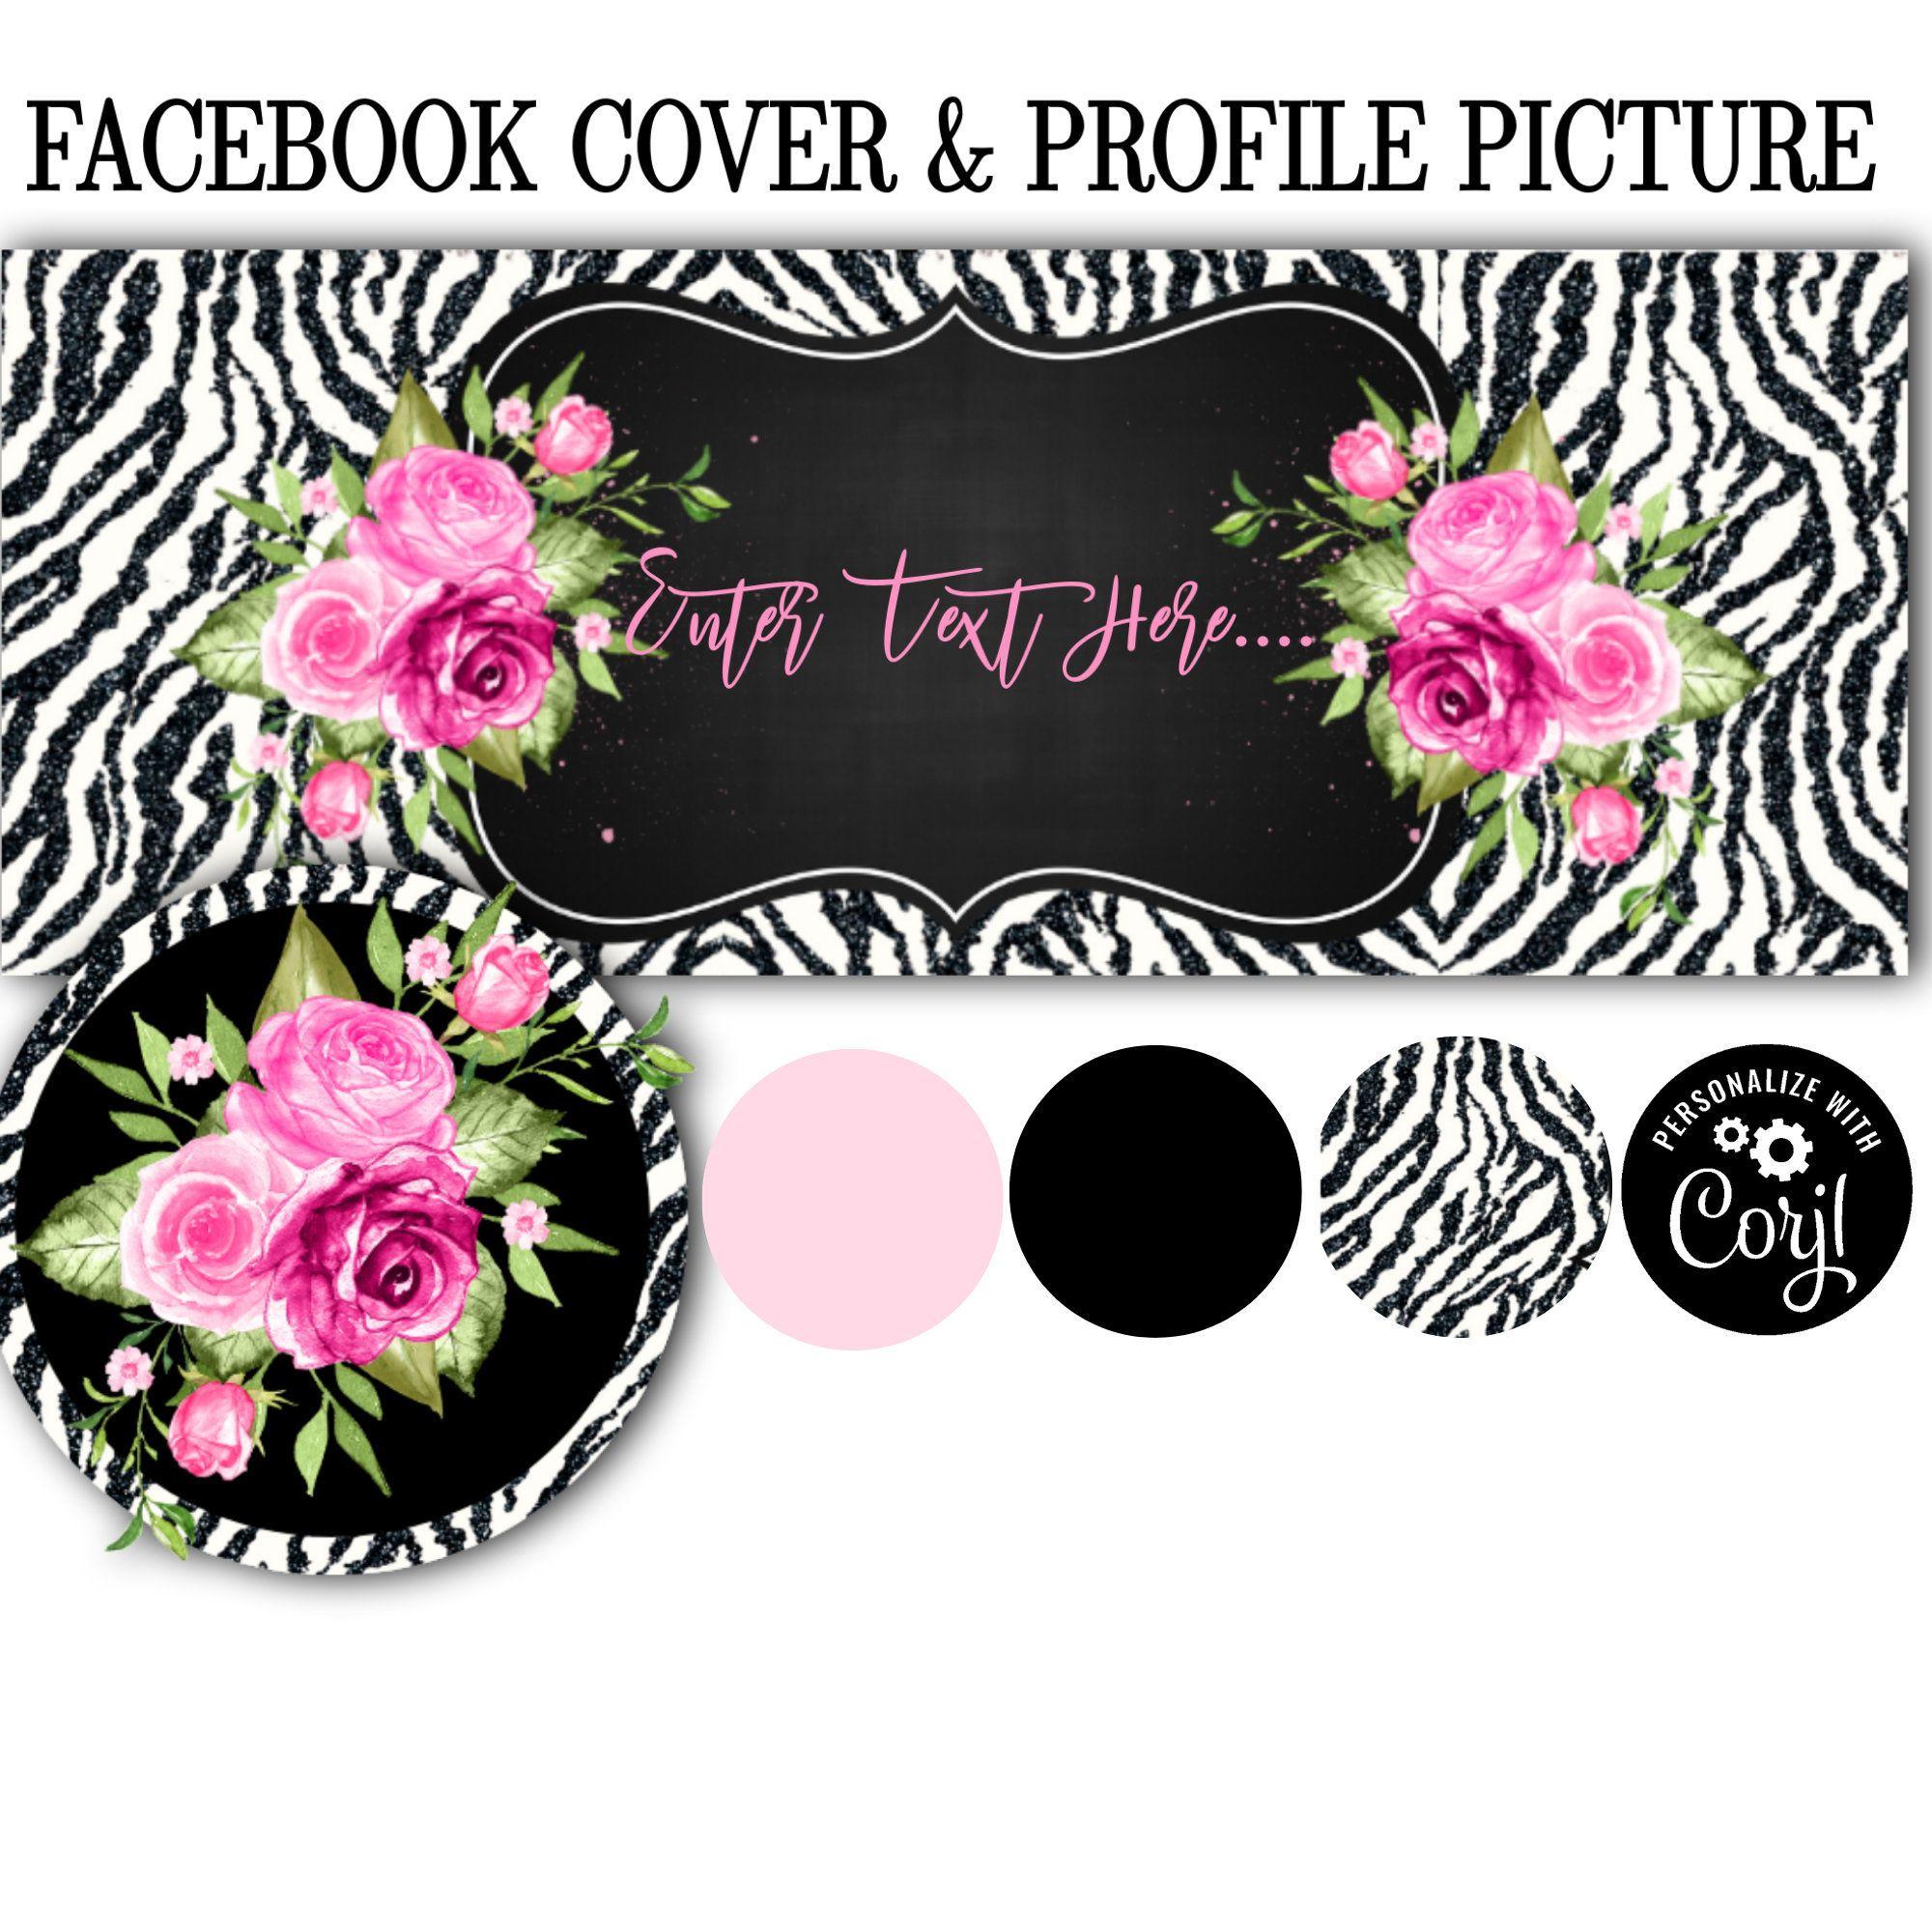 Animal Print Facebook Cover Icon Set Diy Facebook Cover Editable